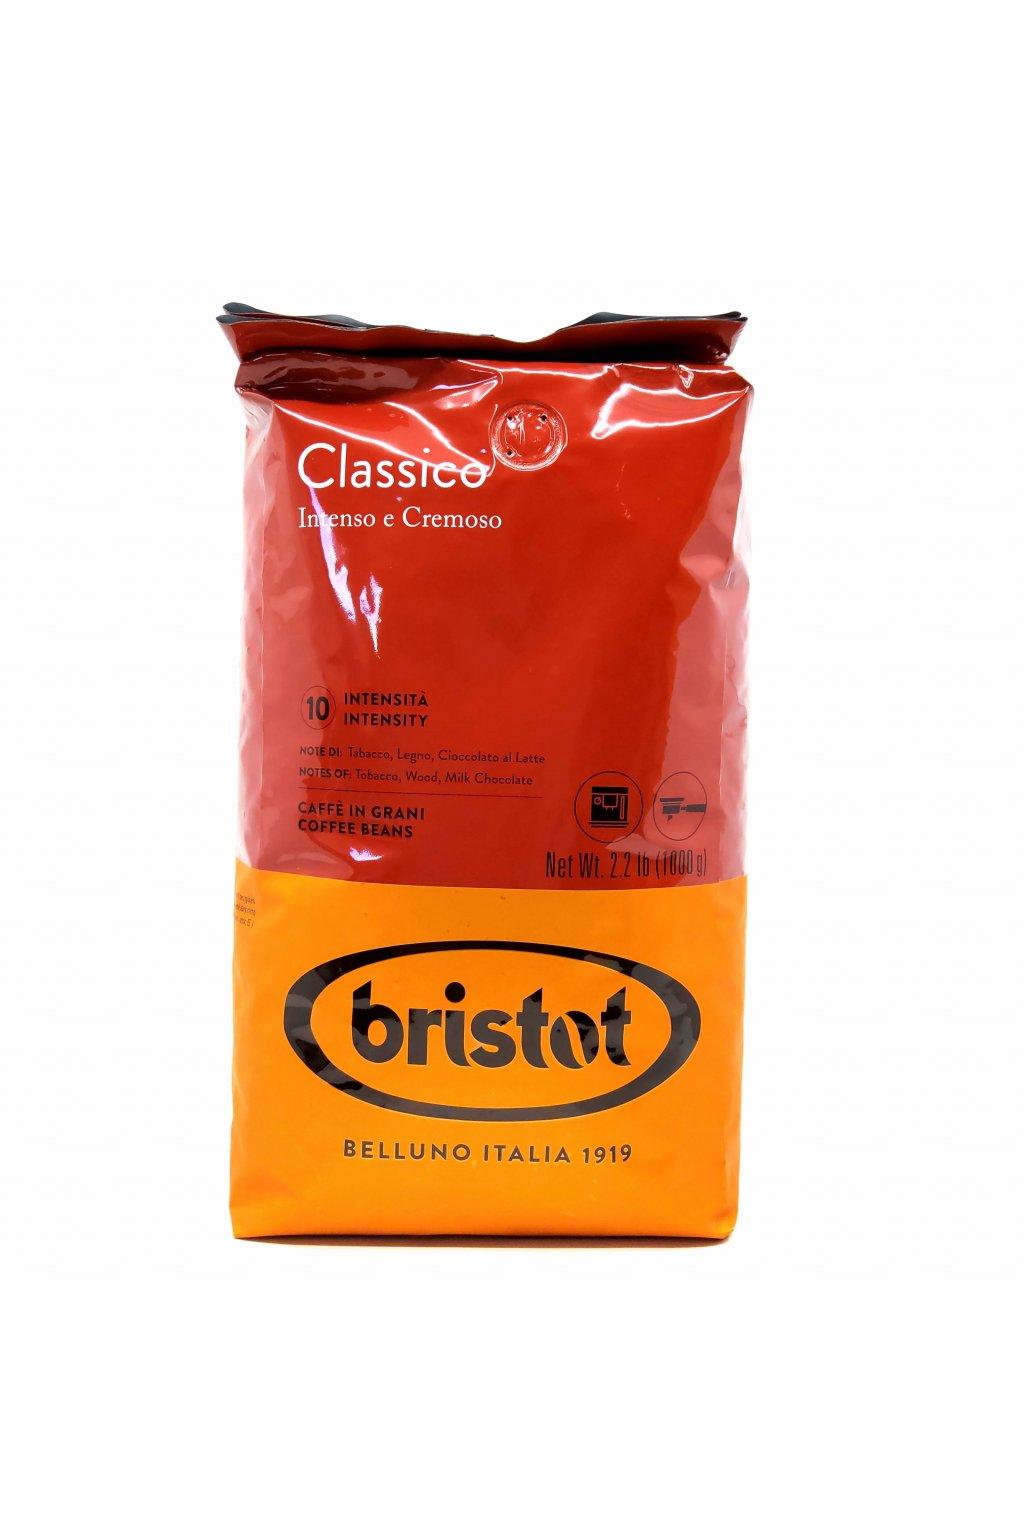 573 bristot classico zrnkova kava 1 kg